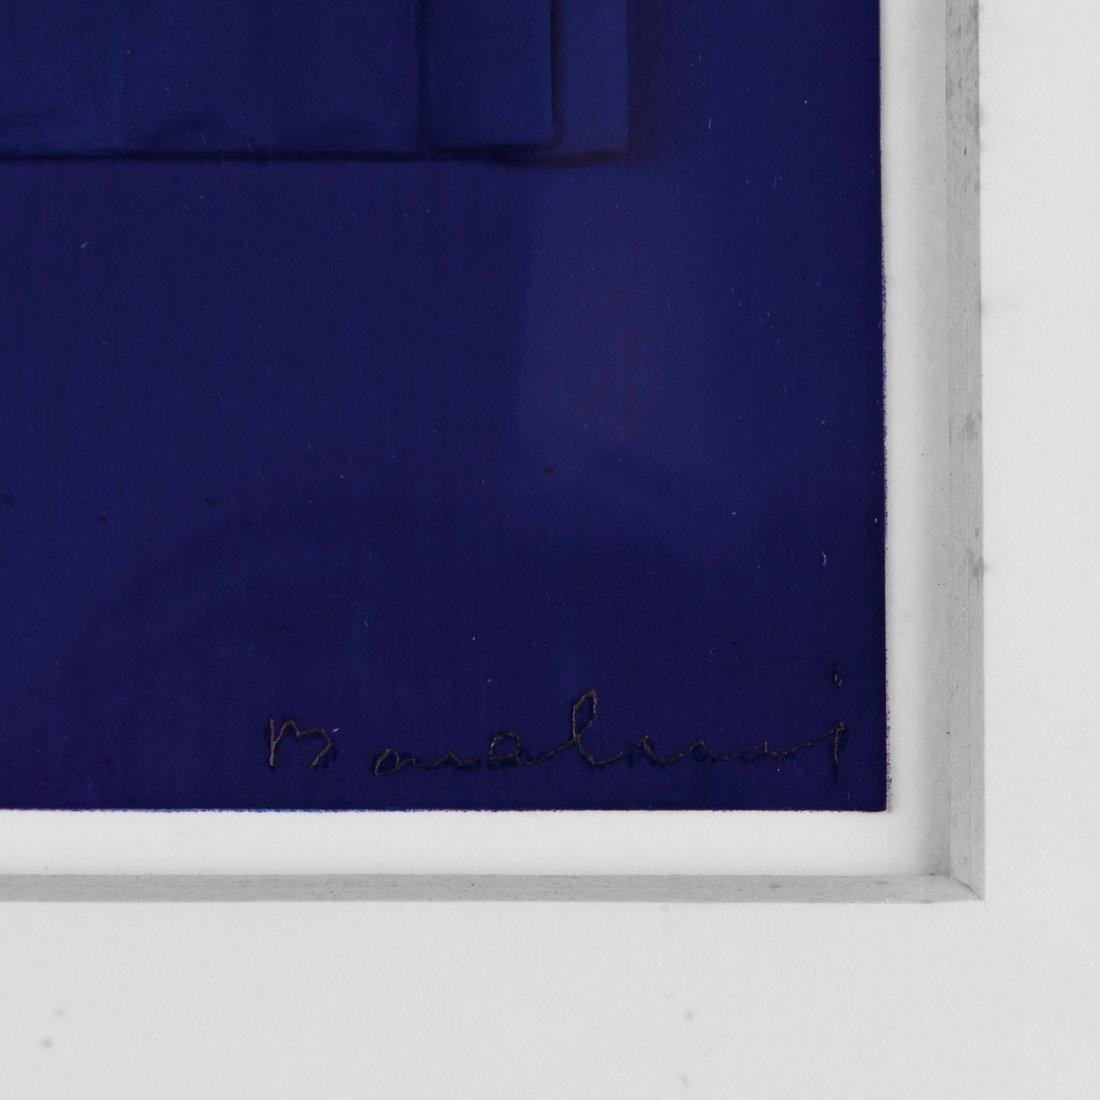 'Difficile Cogliersi (Azzurro)', 2002 - 2